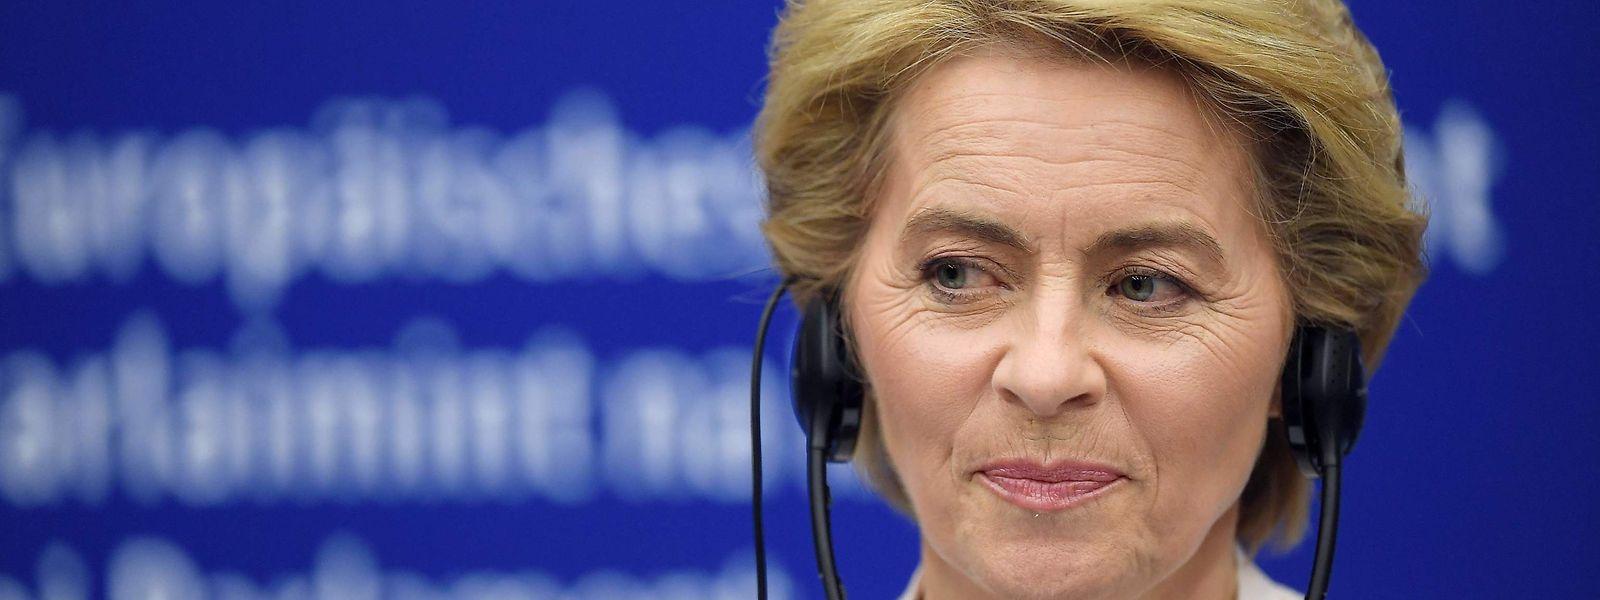 Six candidats manquent encore à l'appel pour permettre à Ursula von der Leyen de constituer une équipe de 26 commissaires européens.